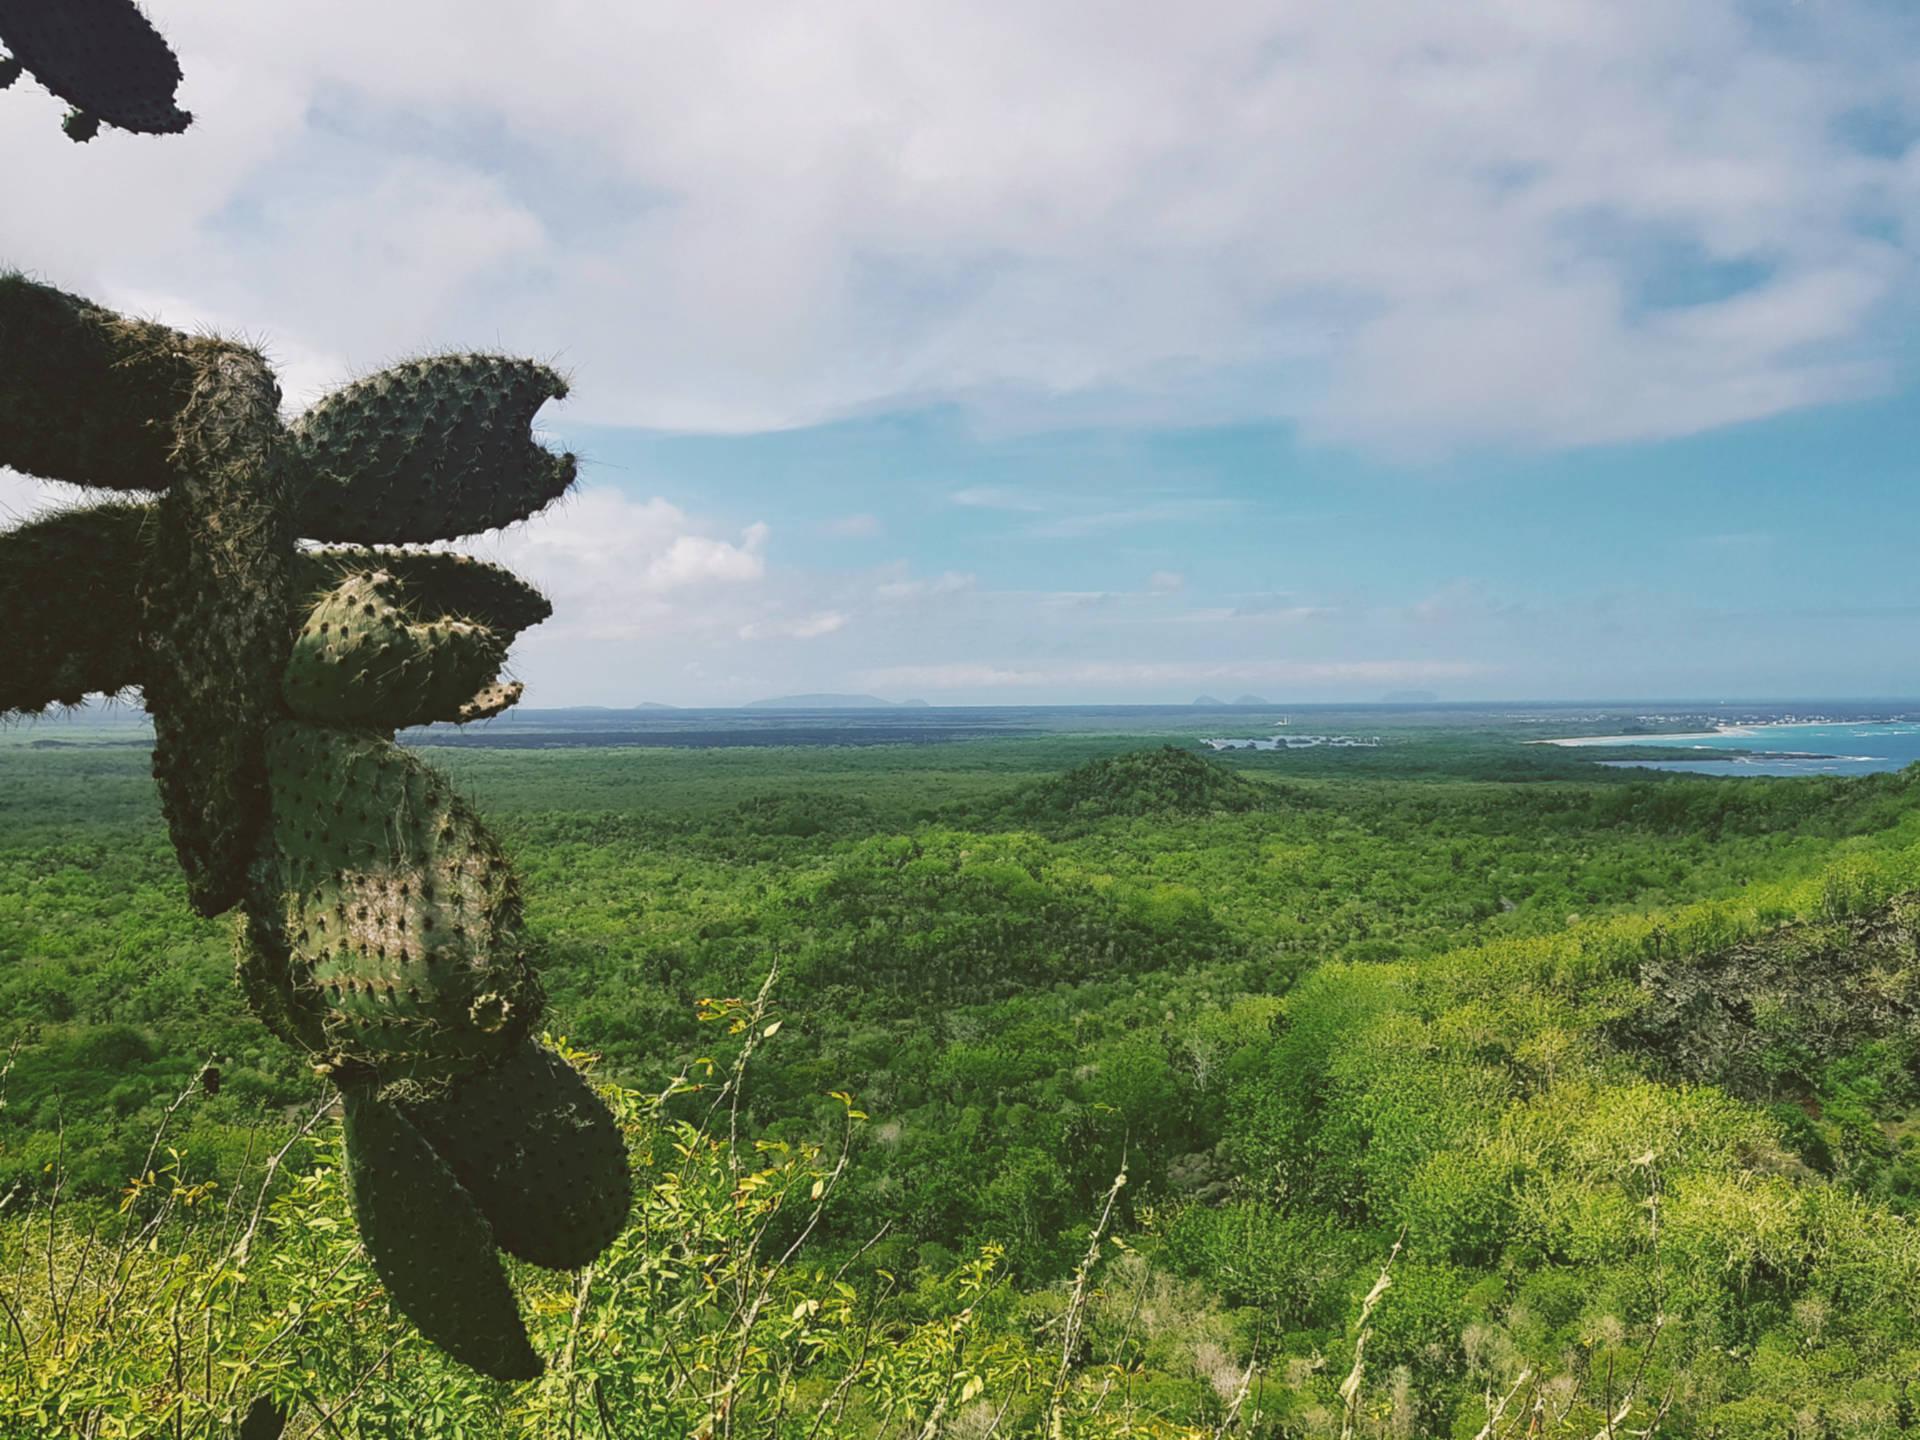 Jak tanio zwiedzić Wyspy Galapagos Darmowe atrakcje nawyspach (9)